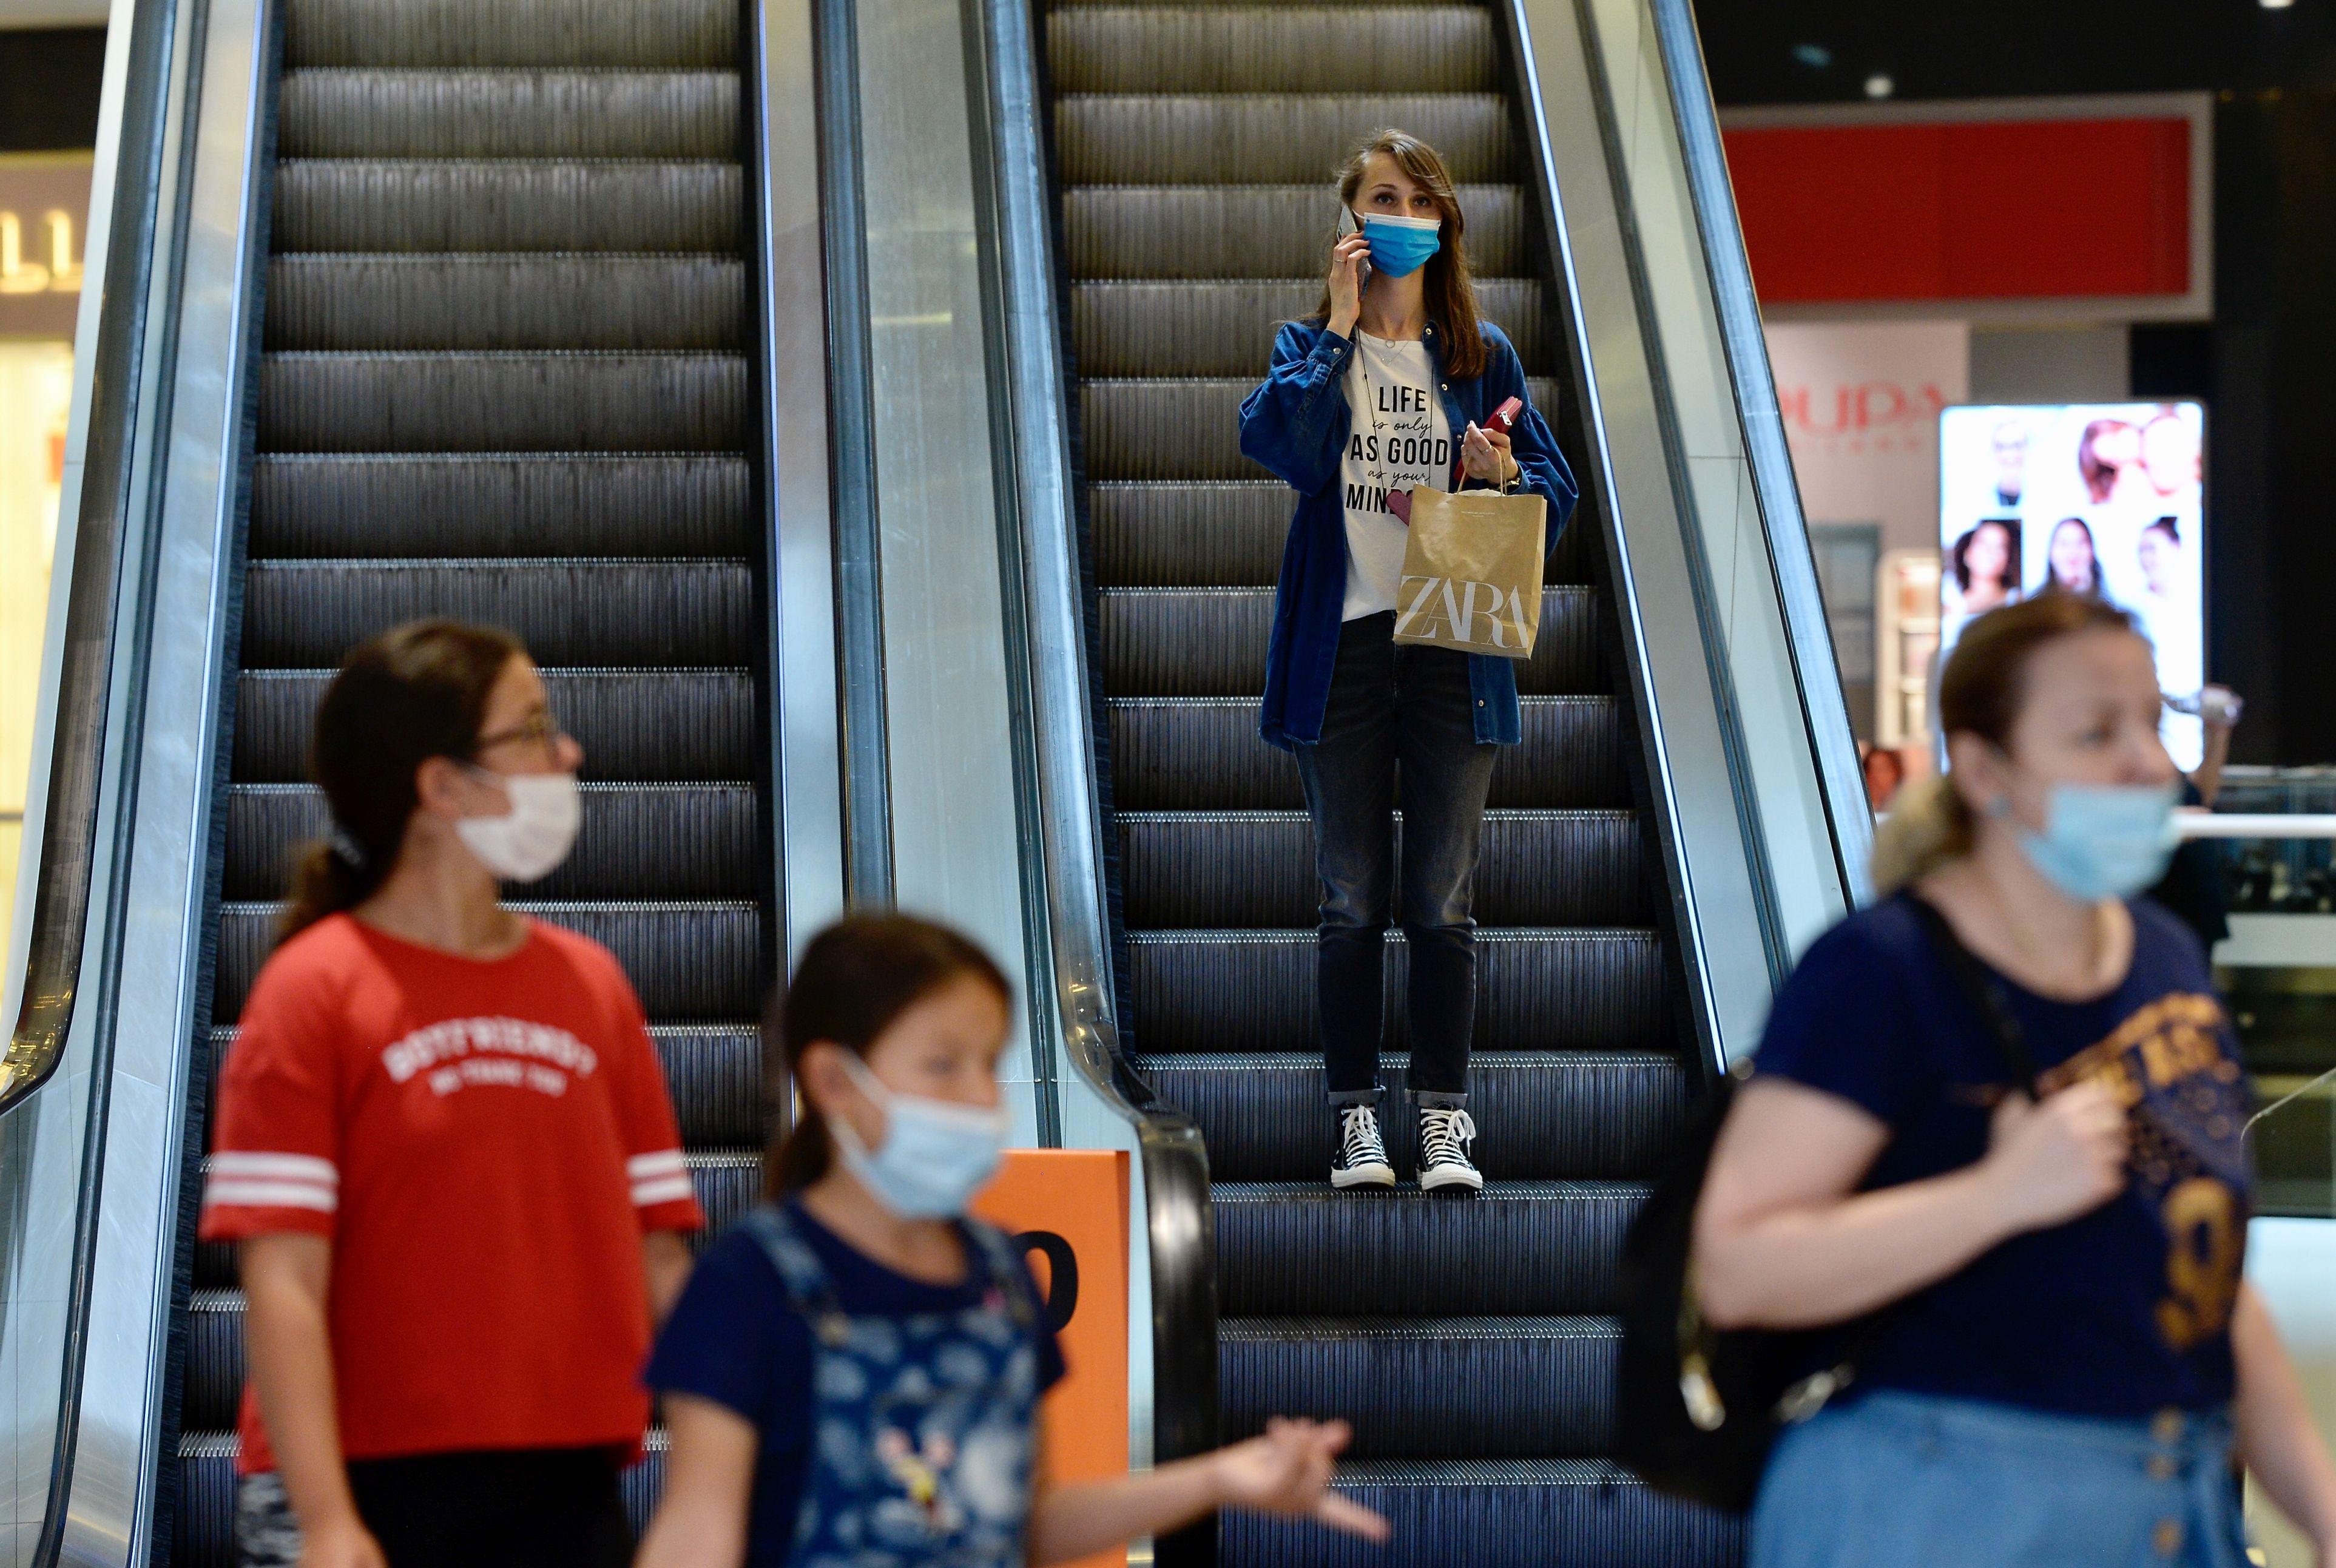 Primele restricții luate în București. Mall-urile, supermarketurile și terasele se închid de mâine mai devreme. Unde se aplică